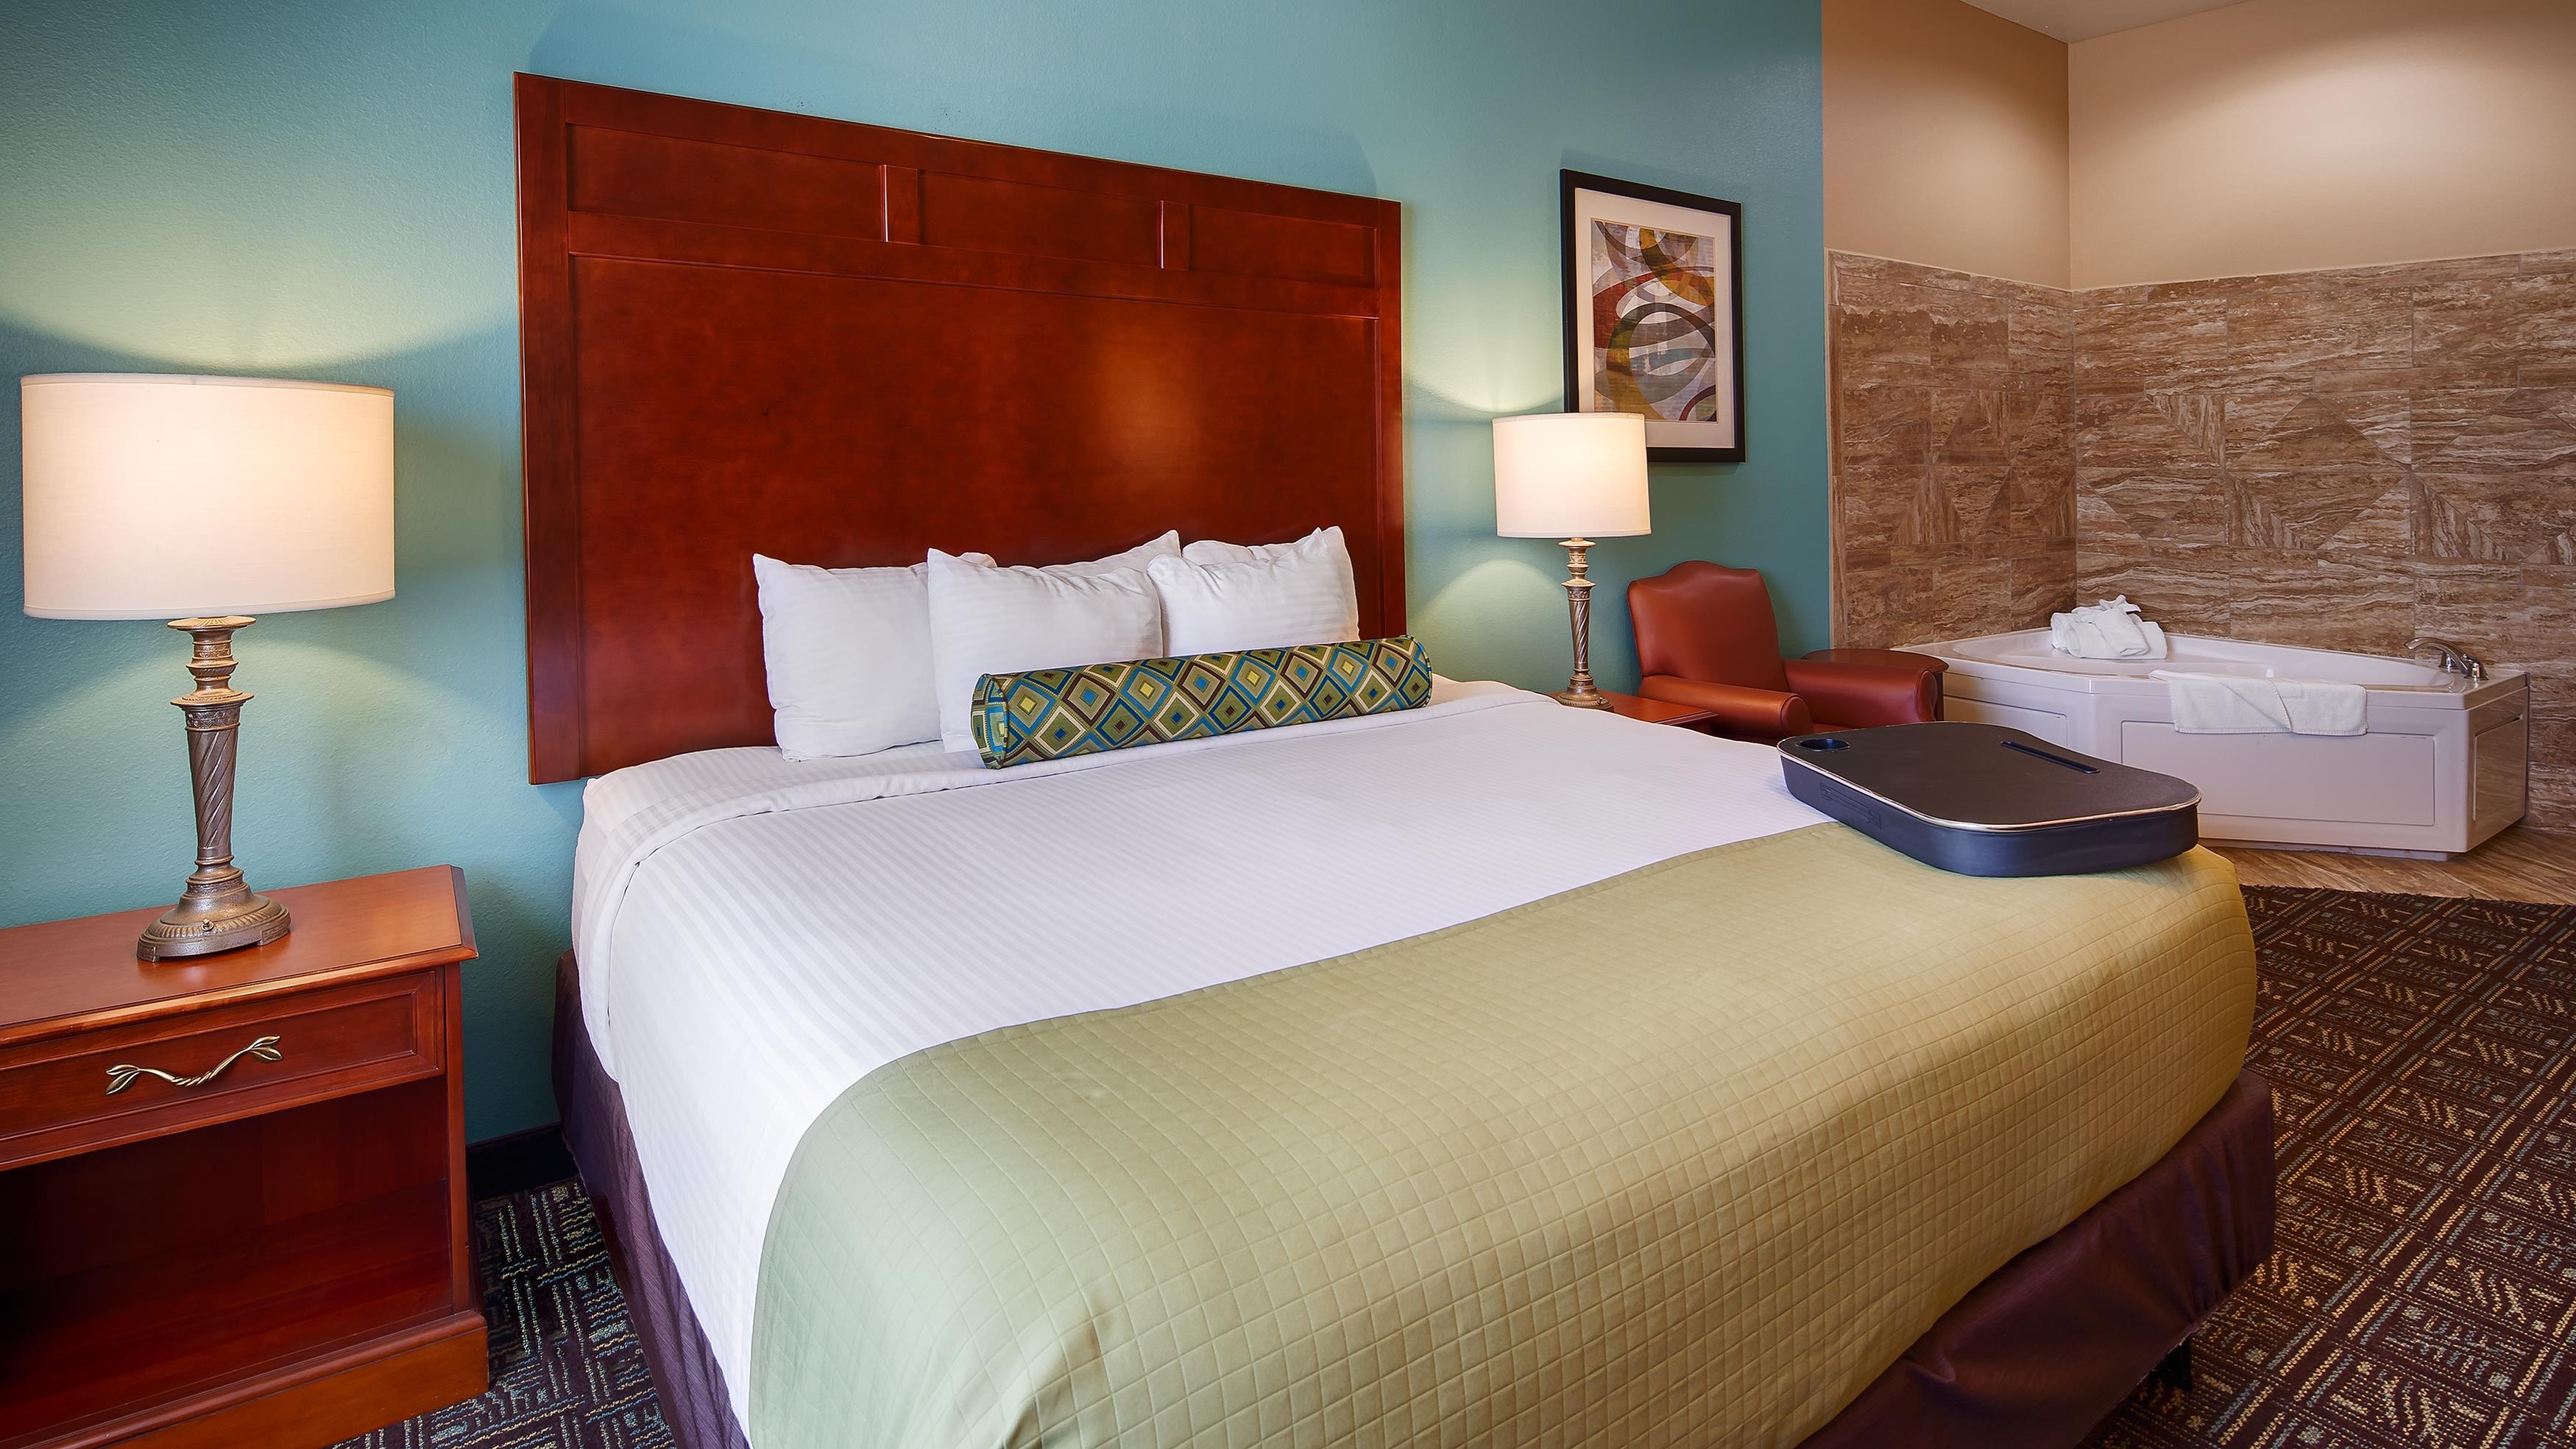 Best Western Plus Monahans Inn & Suites image 6